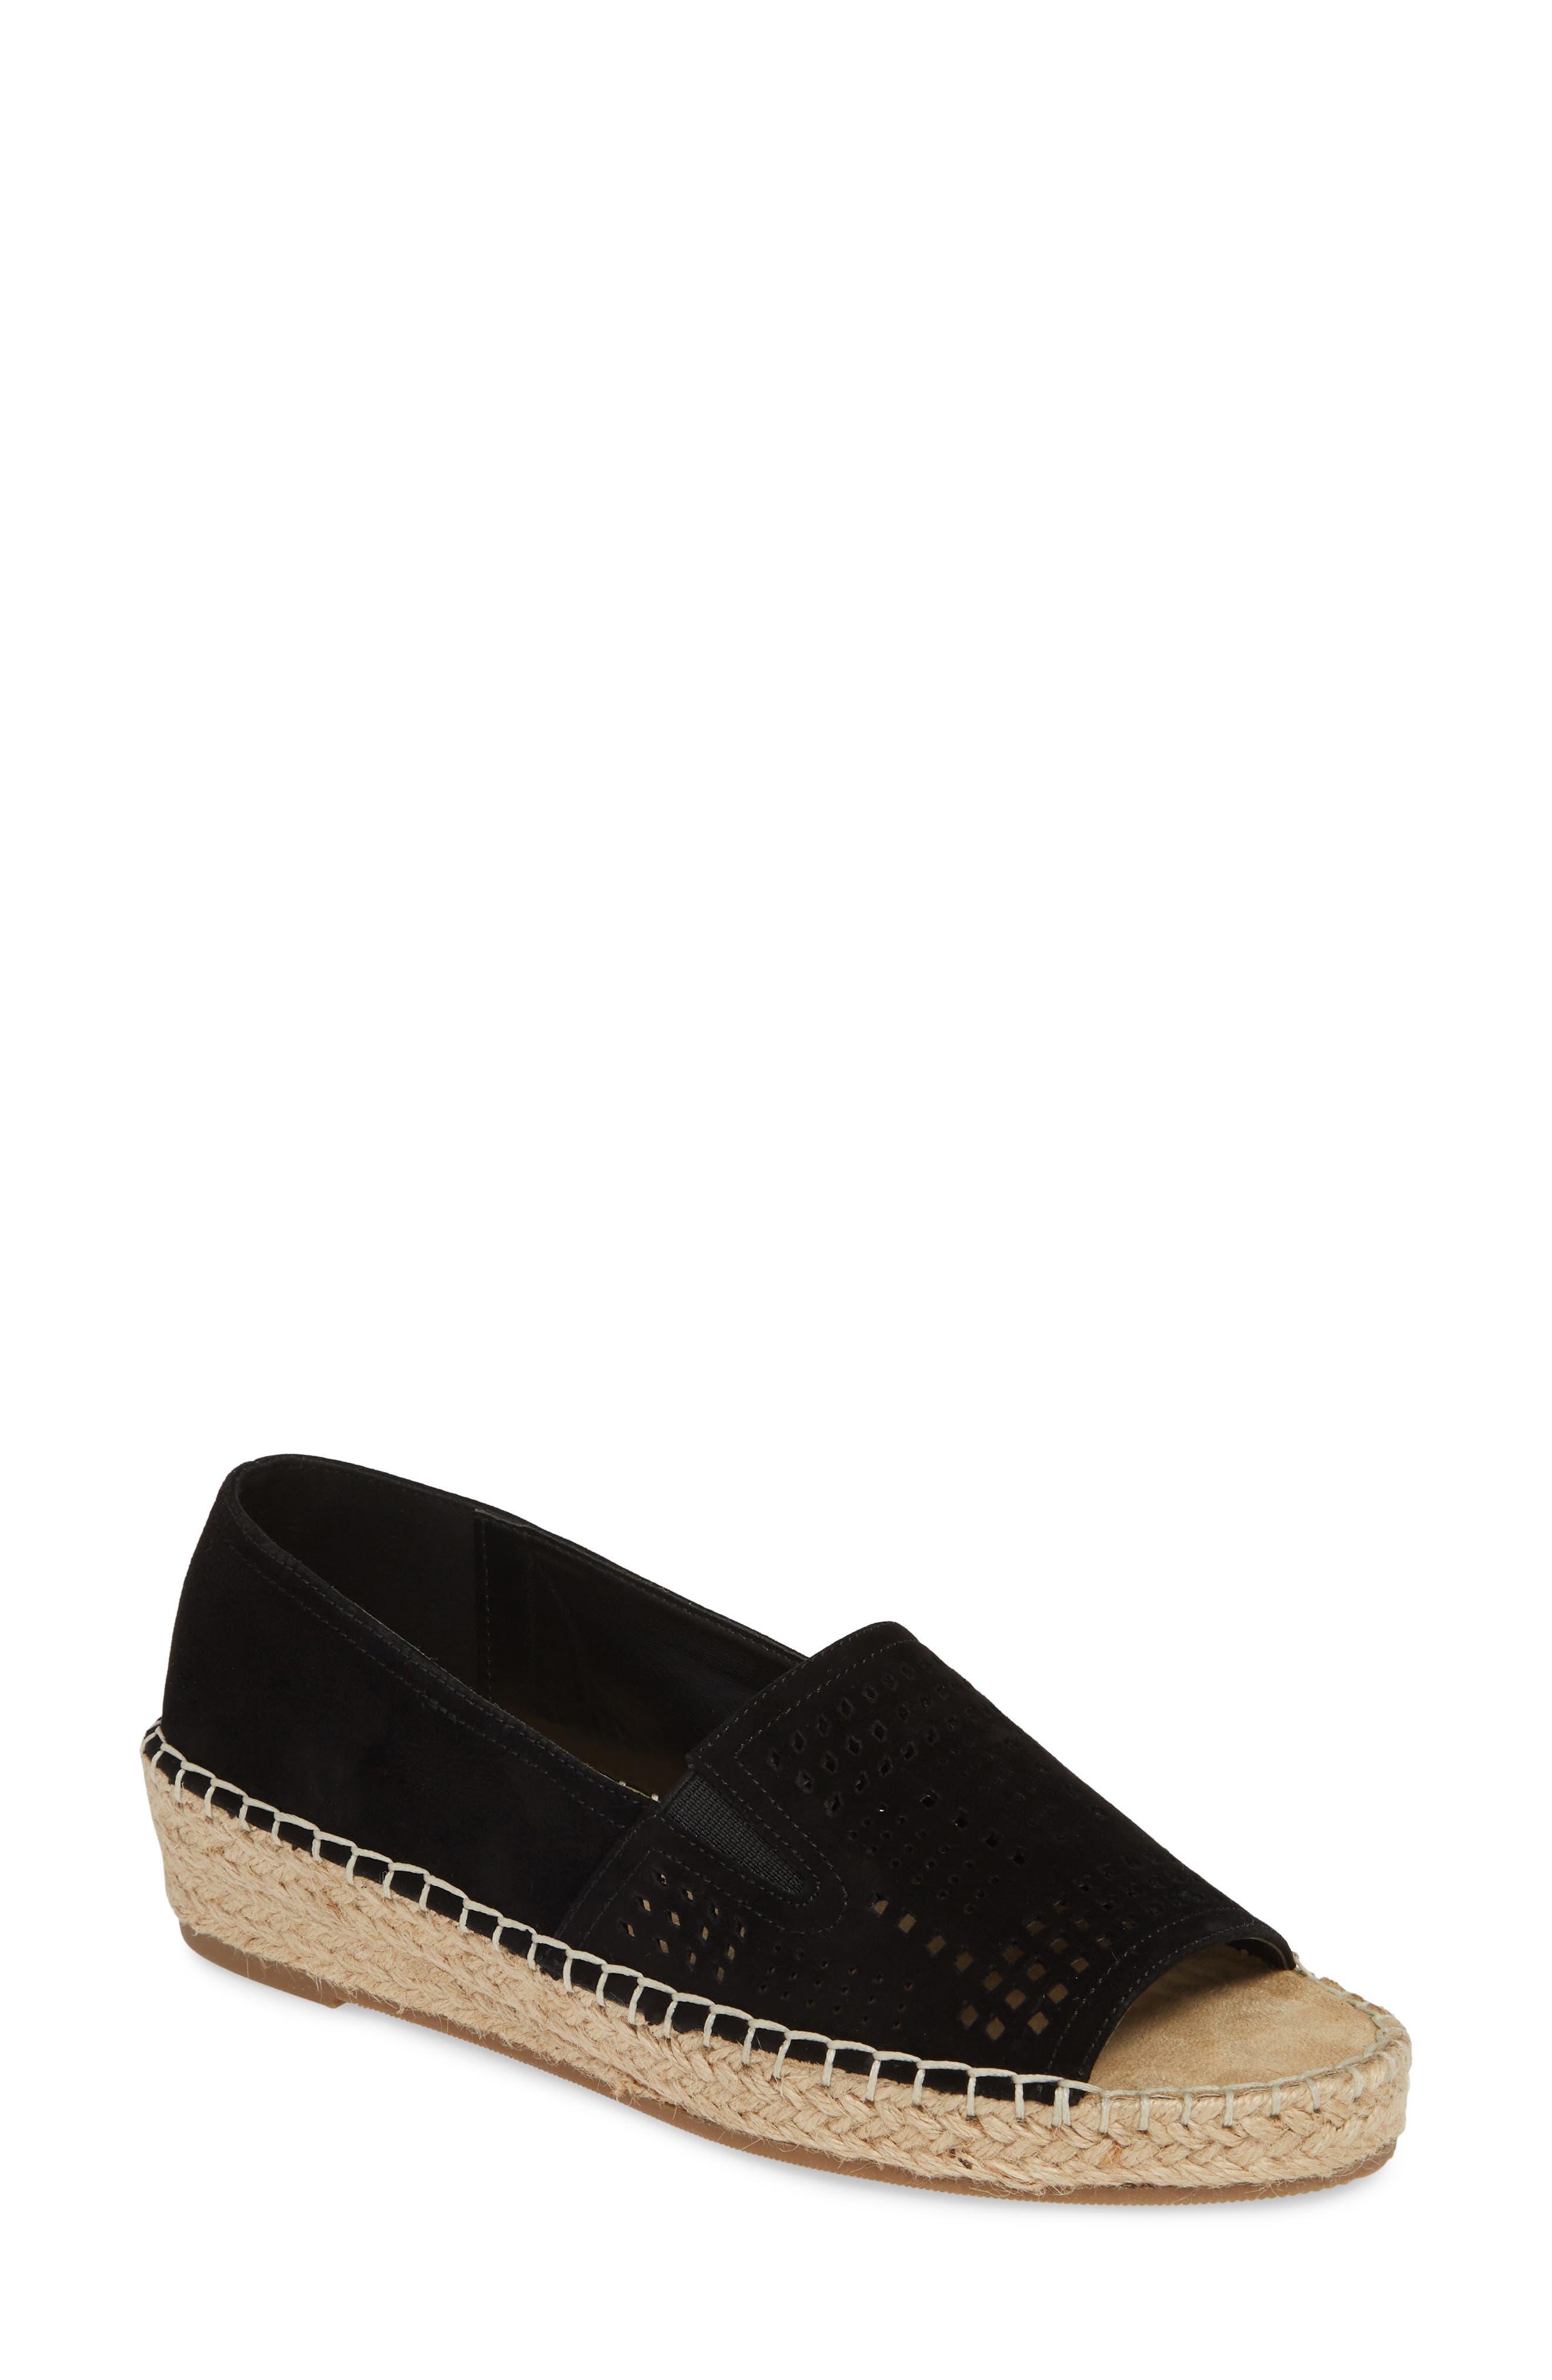 BELLA VITA Cora Open Toe Slip-On, Main, color, BLACK SUEDE